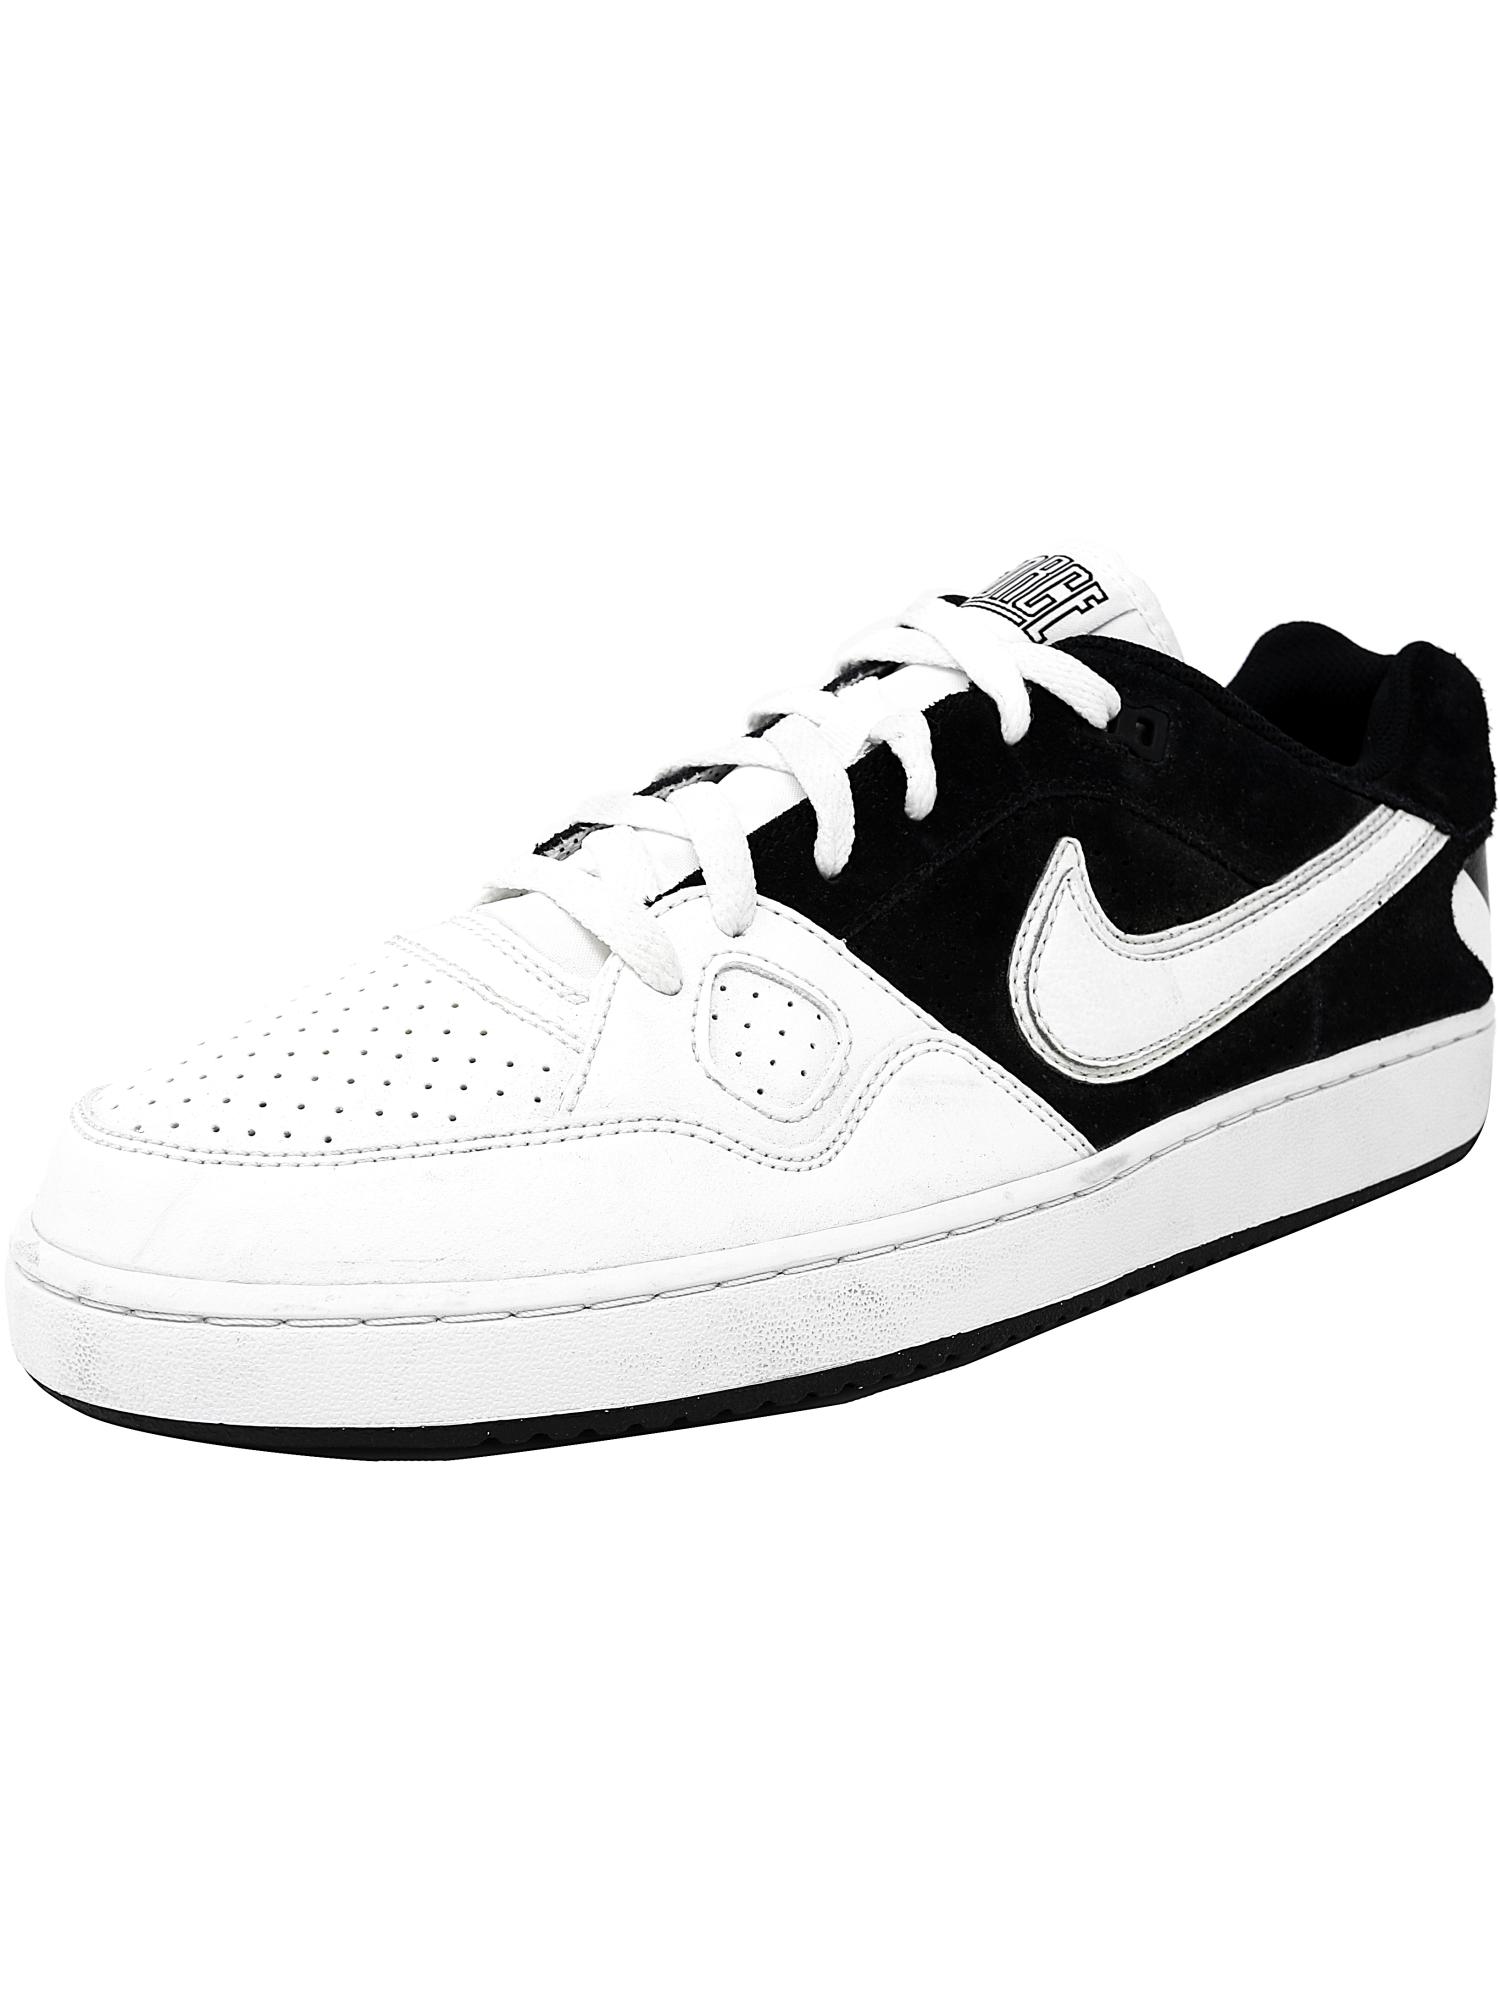 Nike schuhe männer 616775 knöchel hohen schuhe Nike aaf57b